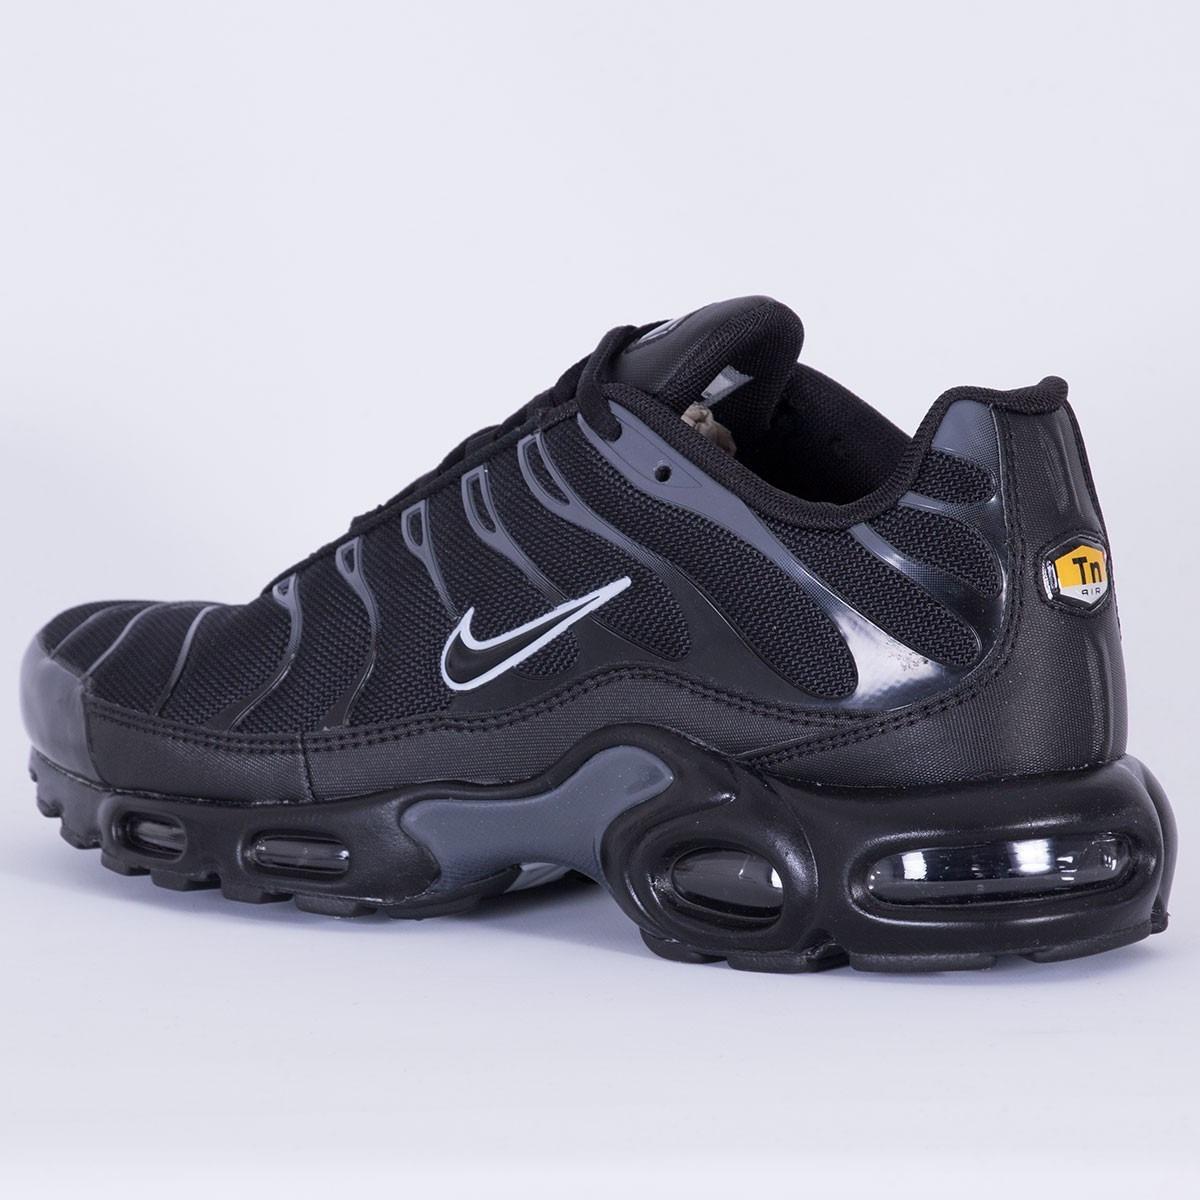 Nike Air Max Plus Hombre